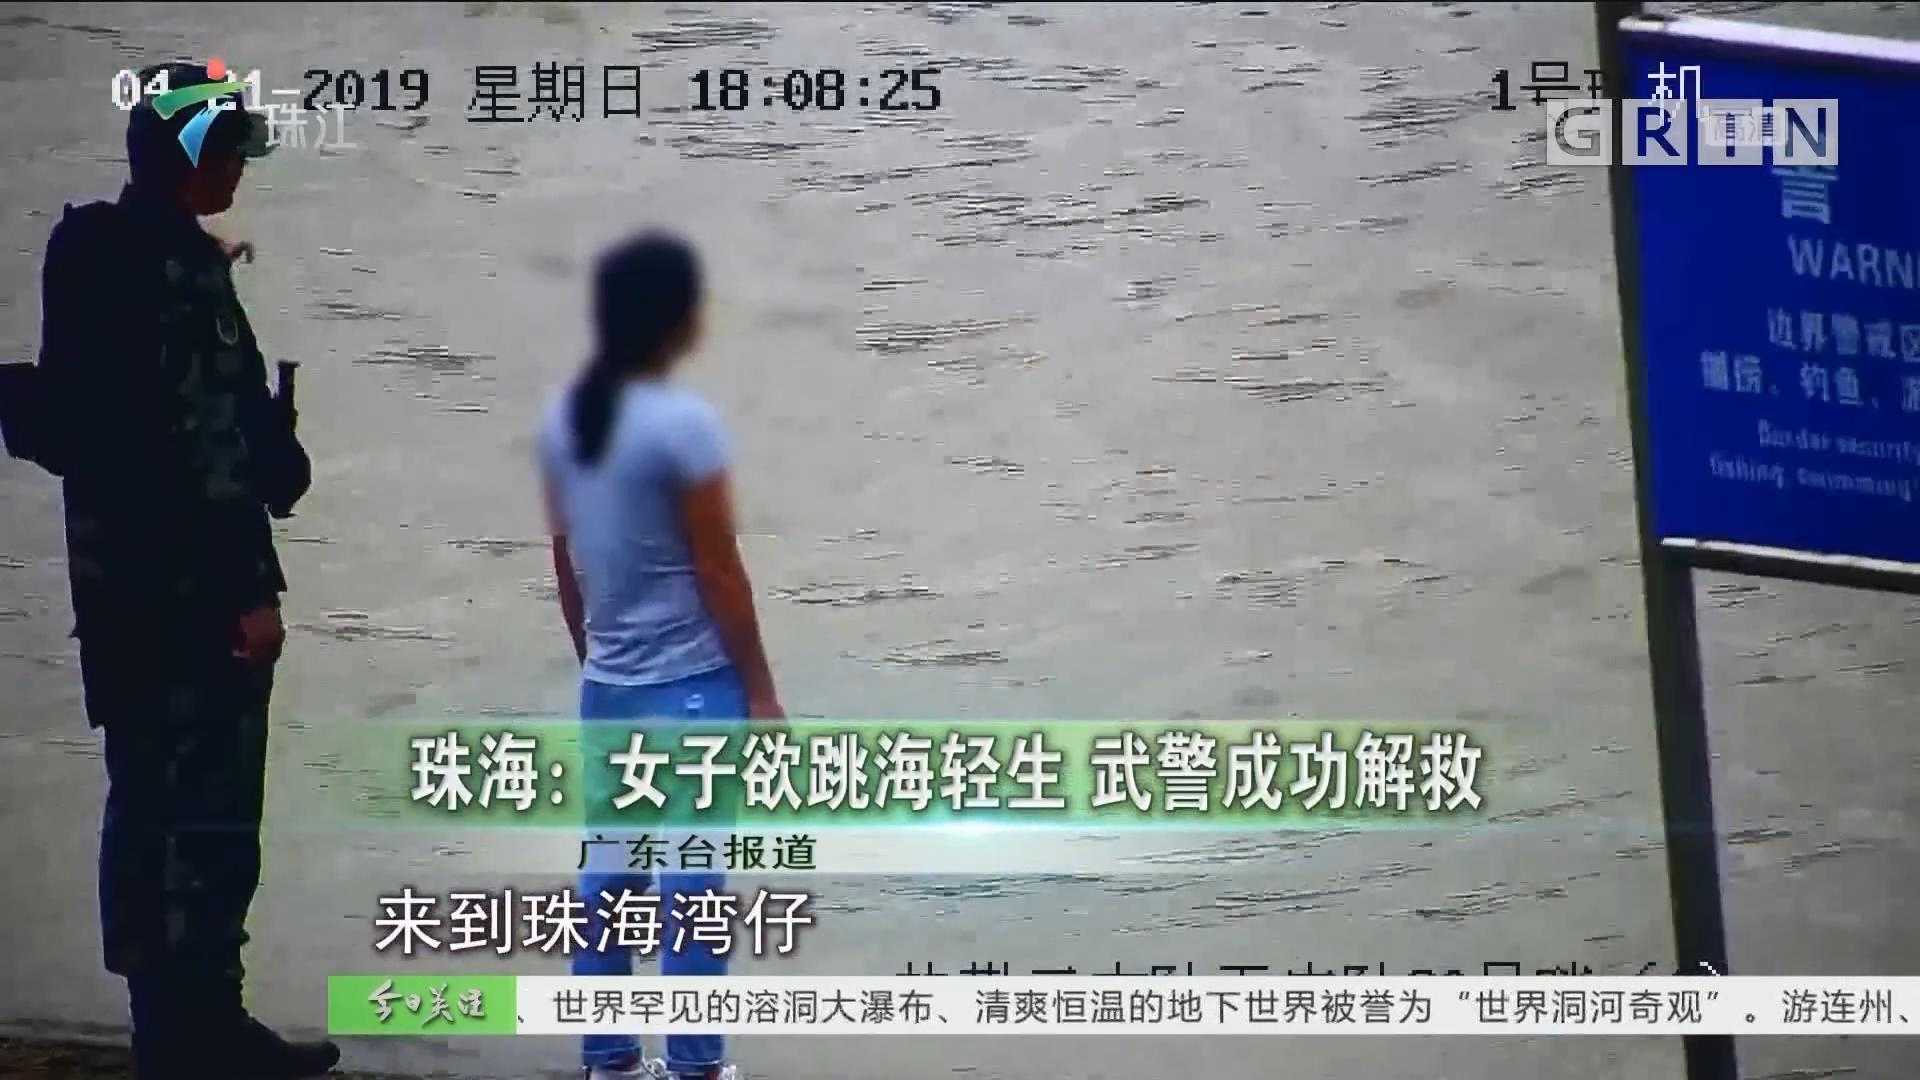 珠海:女子欲跳海轻生 武警成功解救